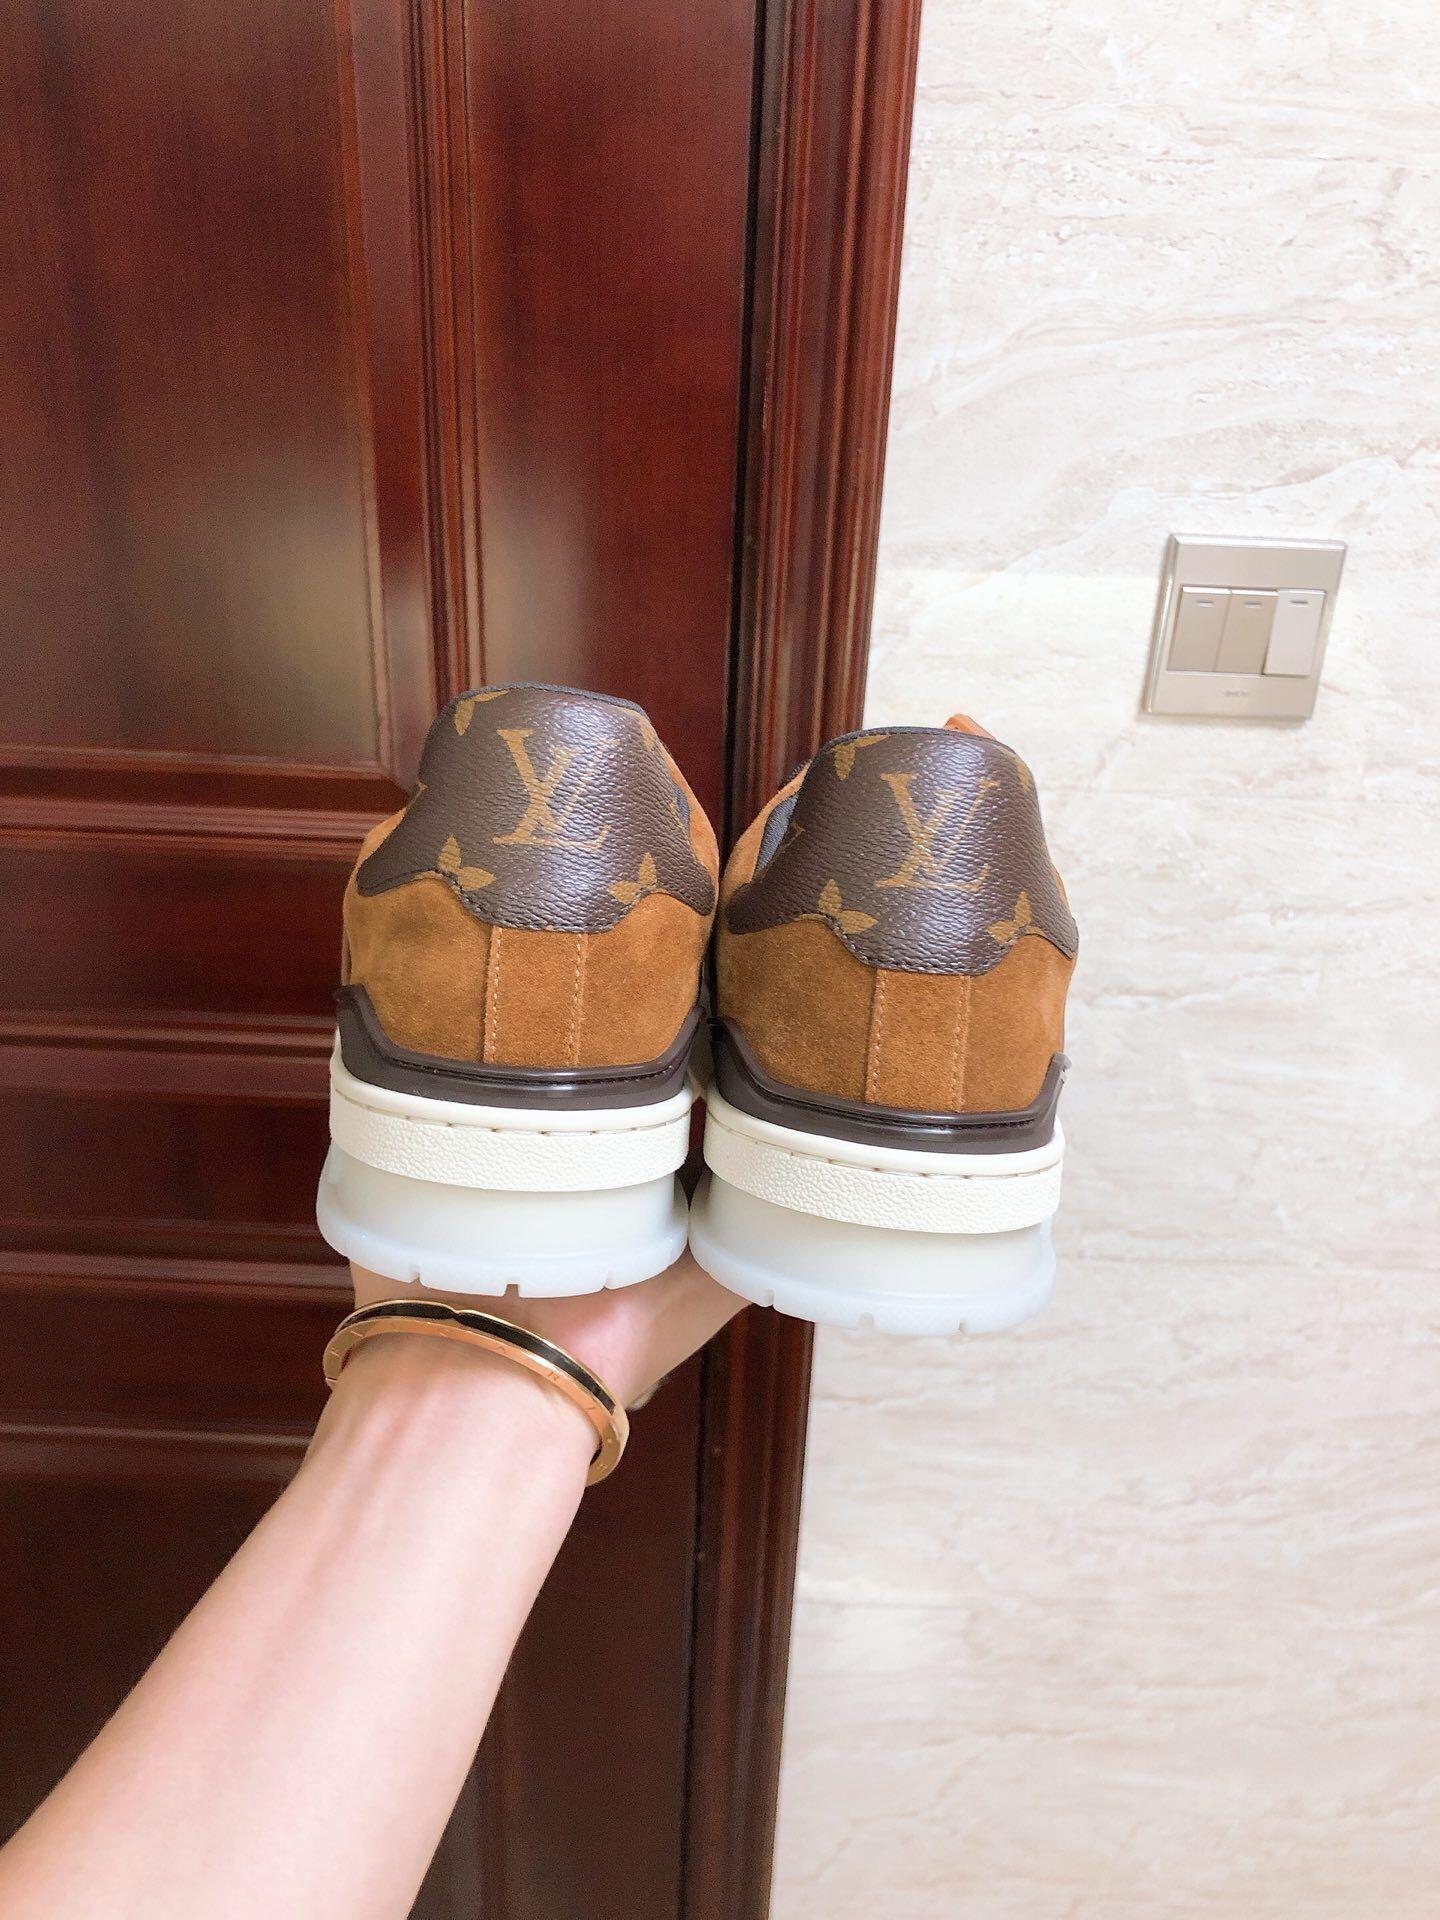 lv trainer sneaker 1A5UR7 lv men sneaker lv shoes Monogram canvas  lv men shoes  3